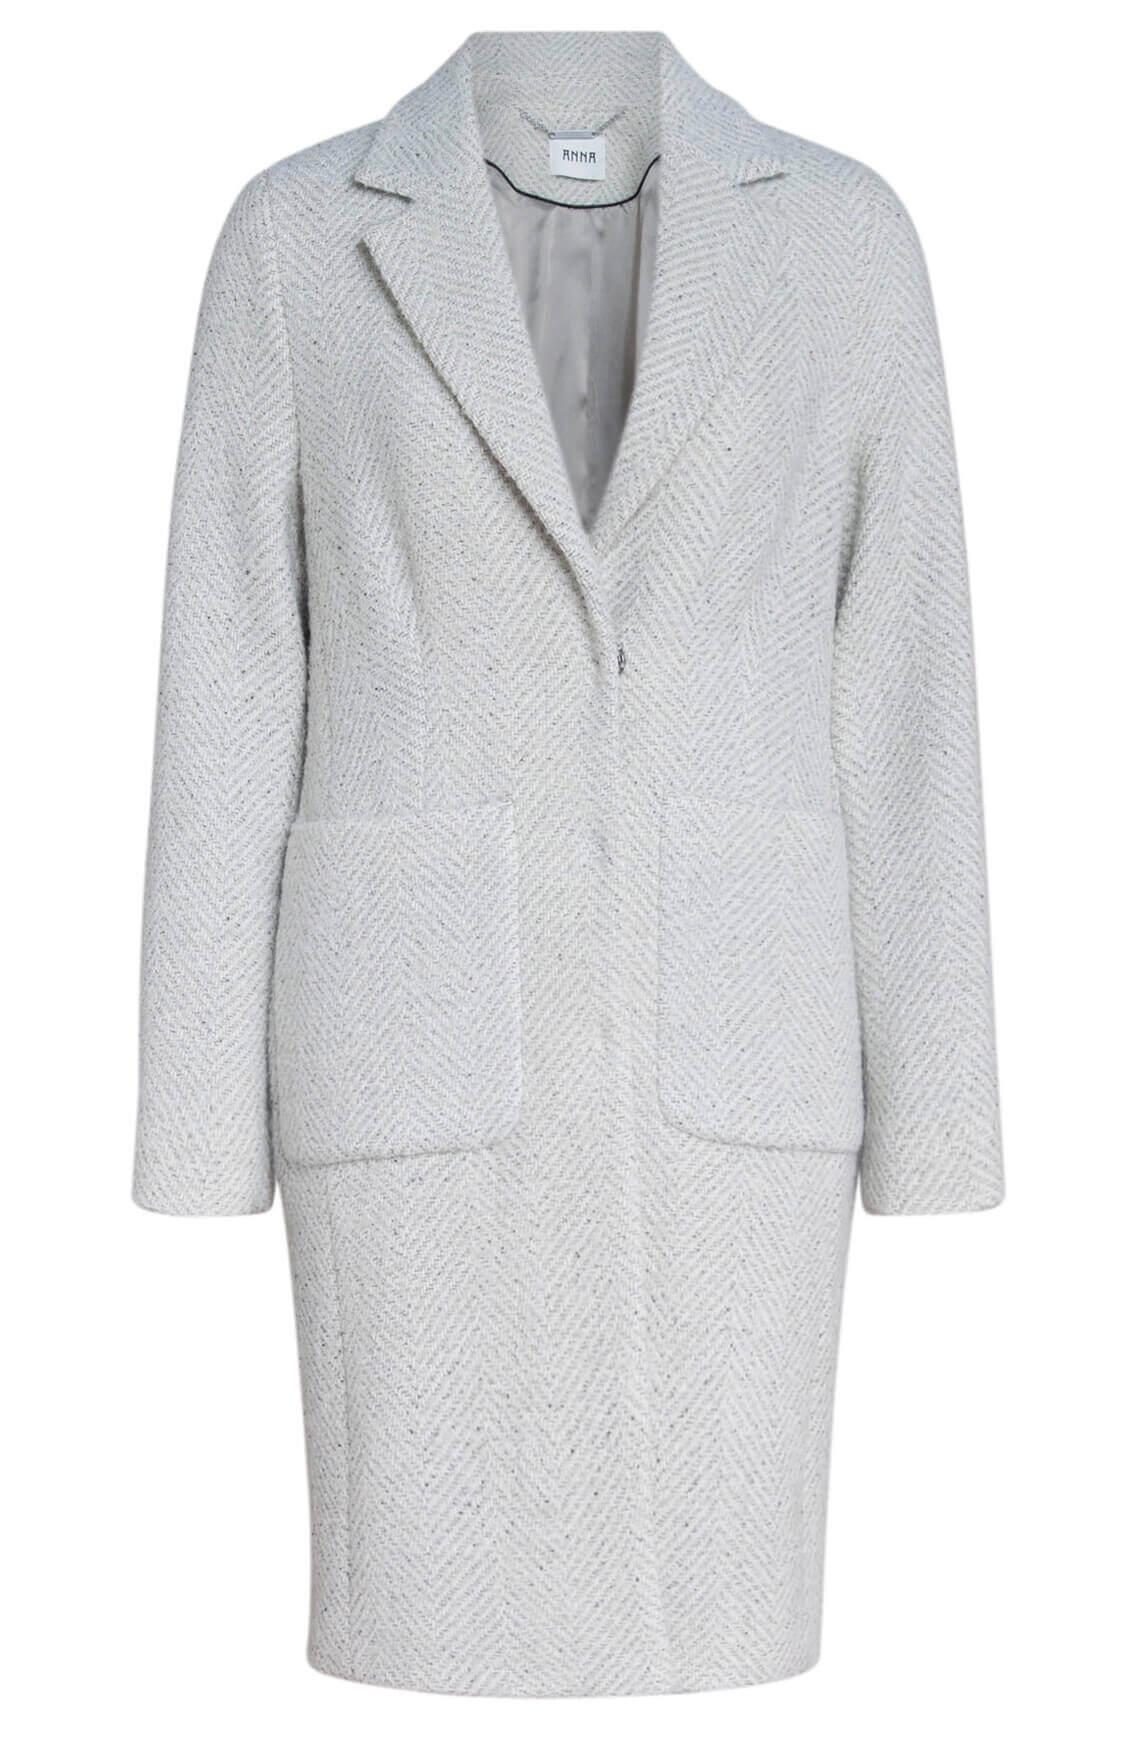 Anna Dames Gemêleerde mantel wit